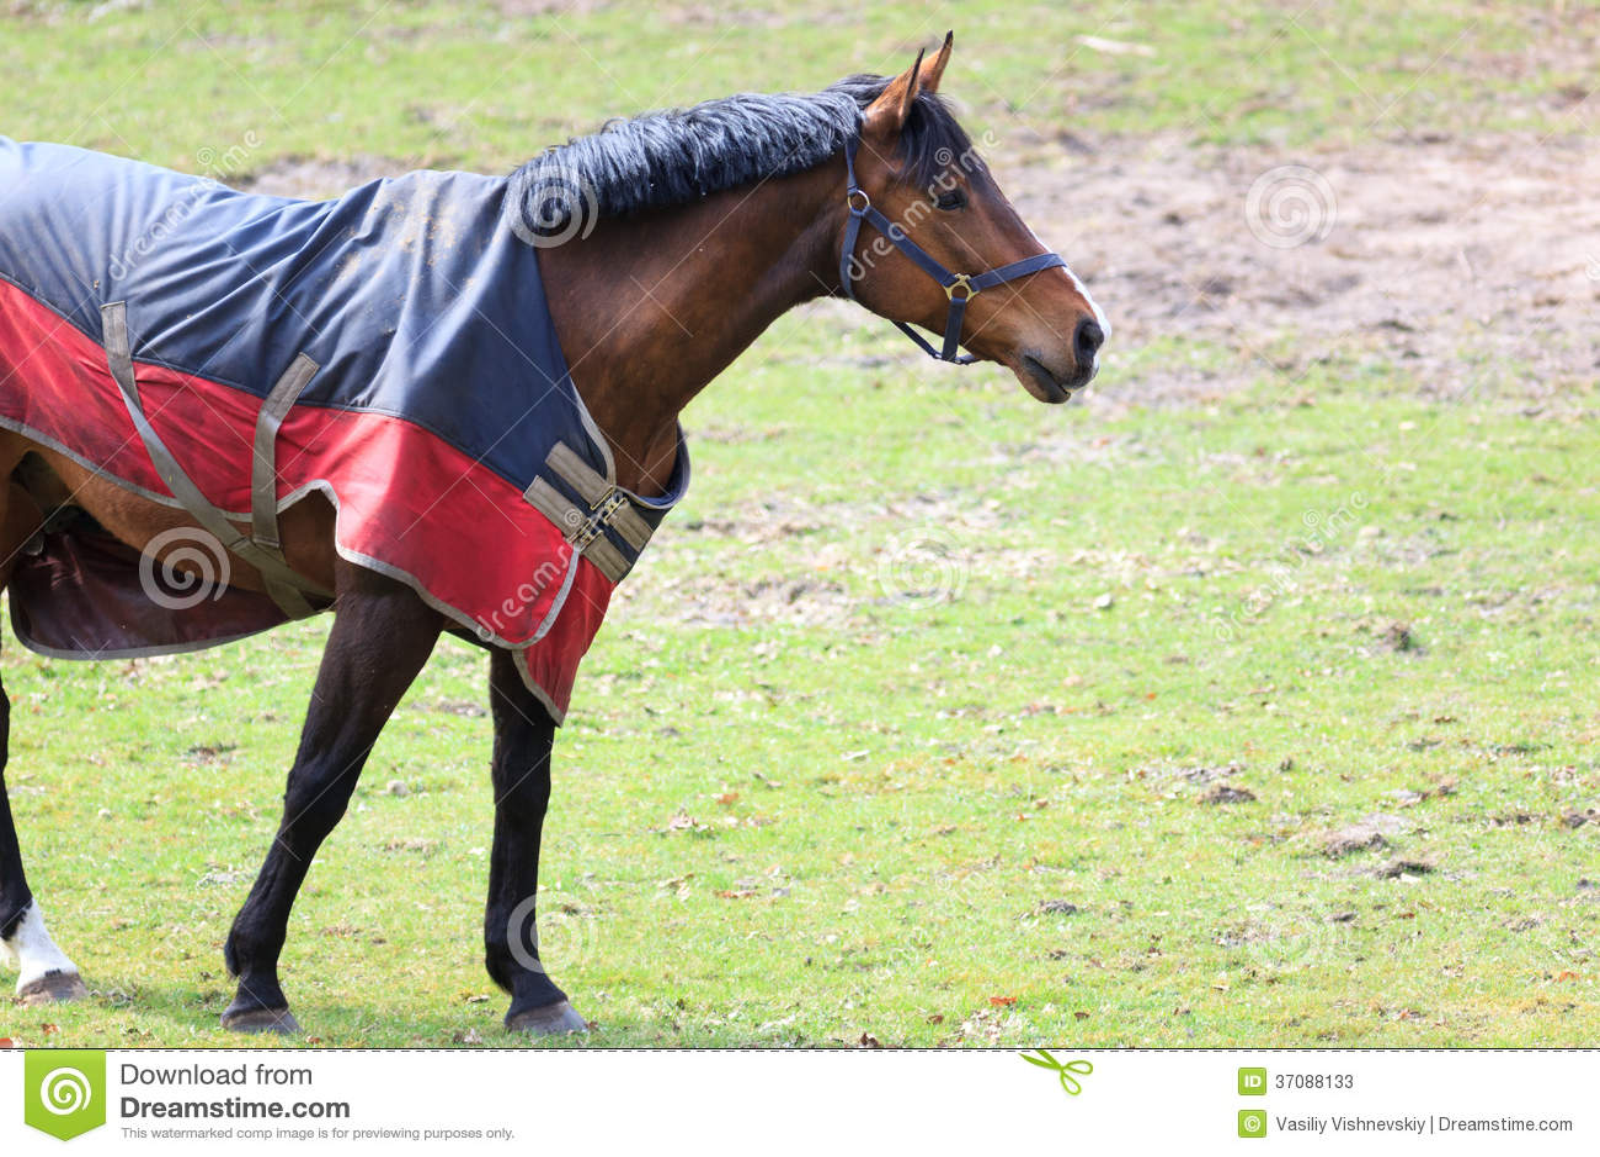 Download Koń. obraz stock. Obraz złożonej z kobylak, koń, odkładający - 37088133